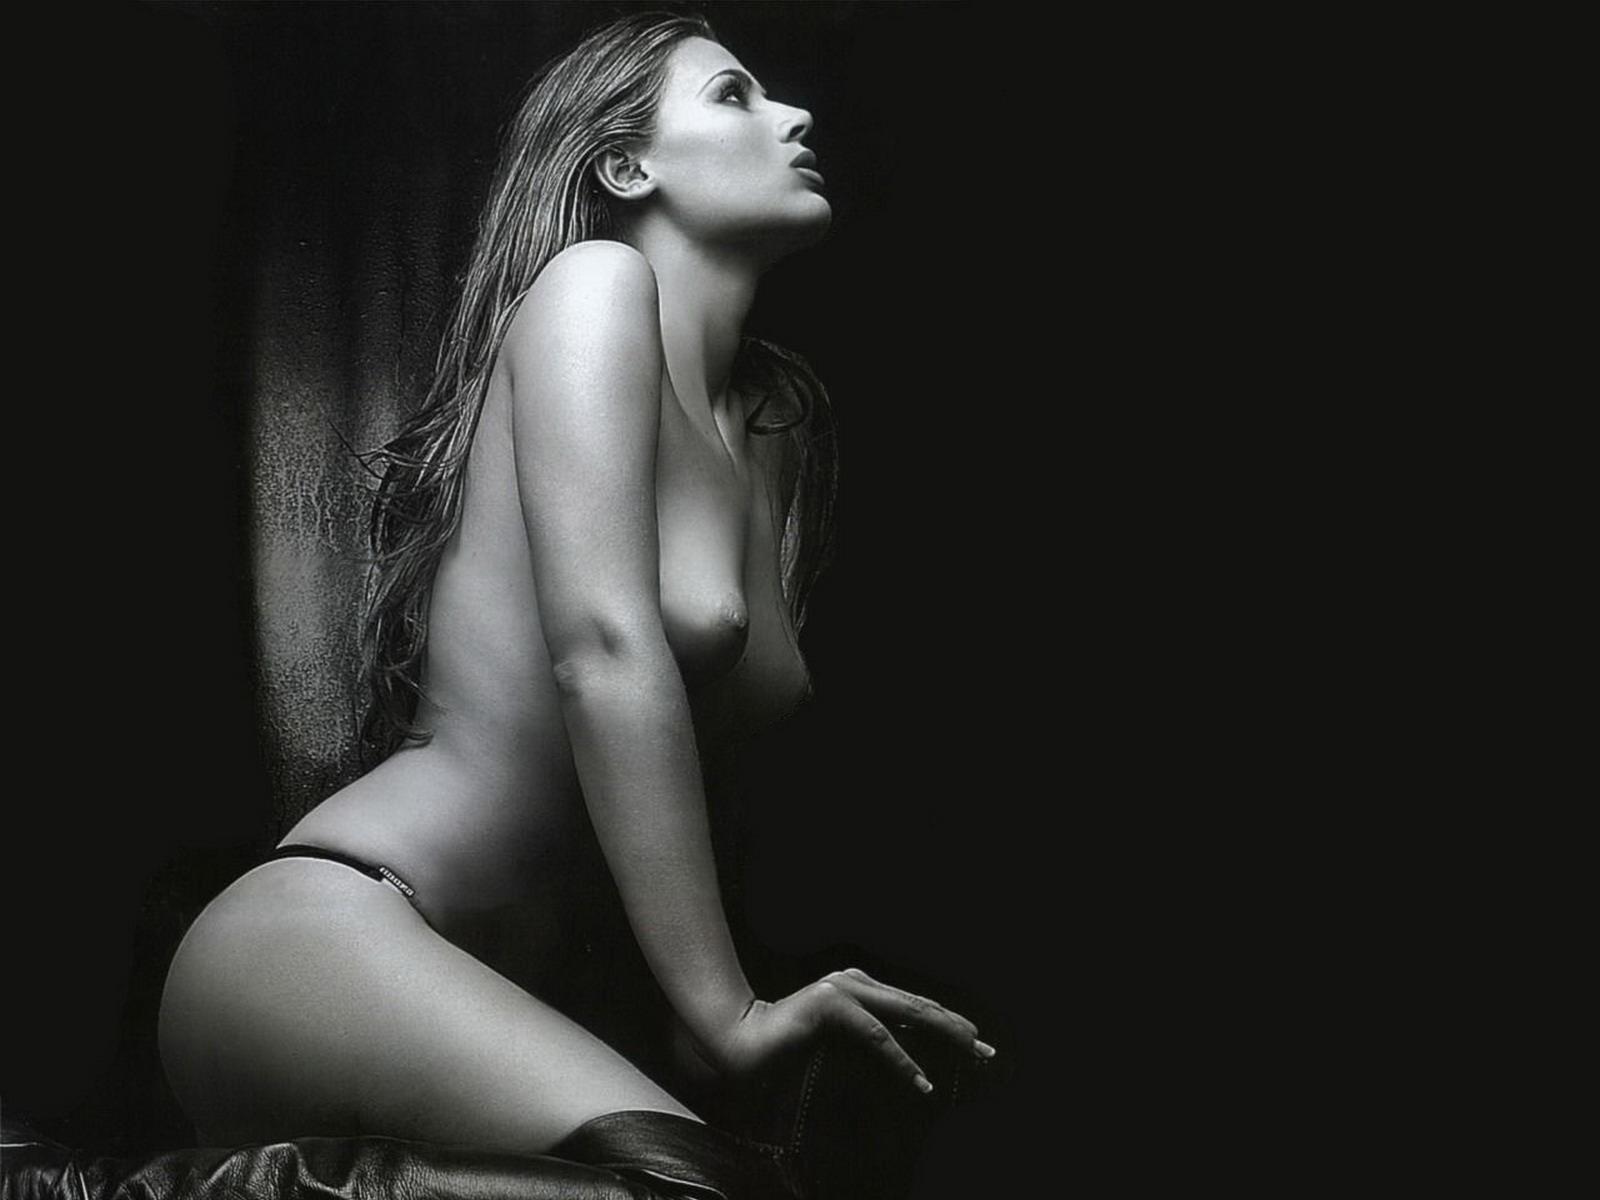 Черно-белое фото обнаженных девушек в высоком разрешении — photo 14